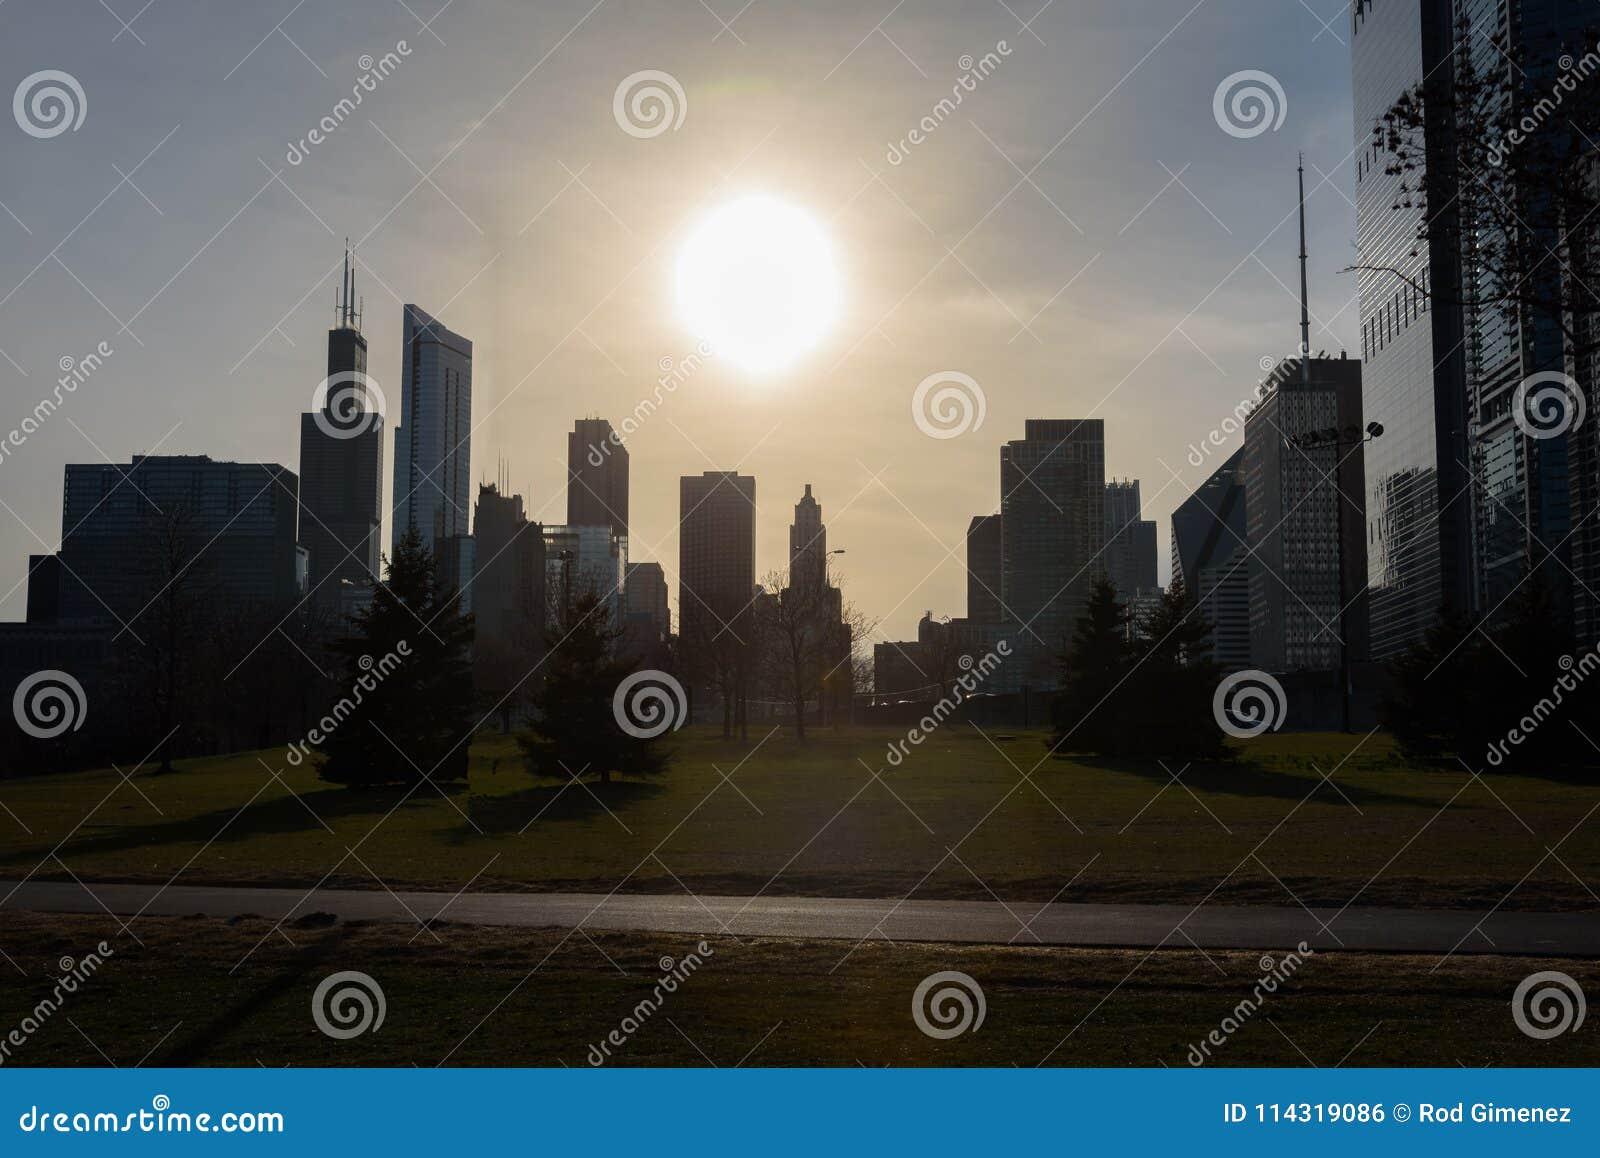 Silueta céntrica de Chicago tirada durante puesta del sol